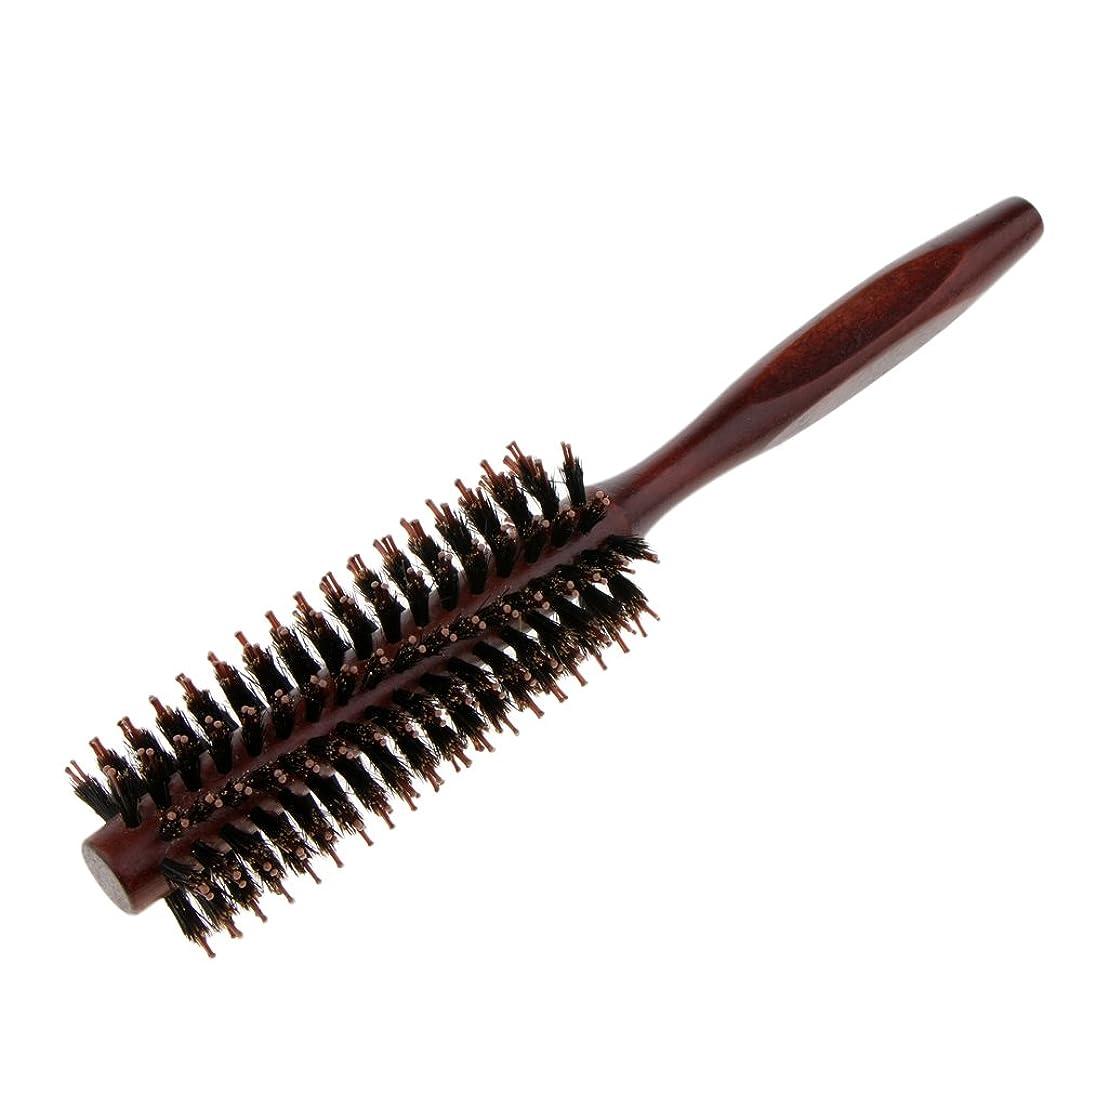 再編成するブラジャースパンPerfeclan ラウンドヘアブラシ 木製ハンドル 丸い 櫛 自然な毛 整髪 ヘアブラシ 2タイプ選べ - #2